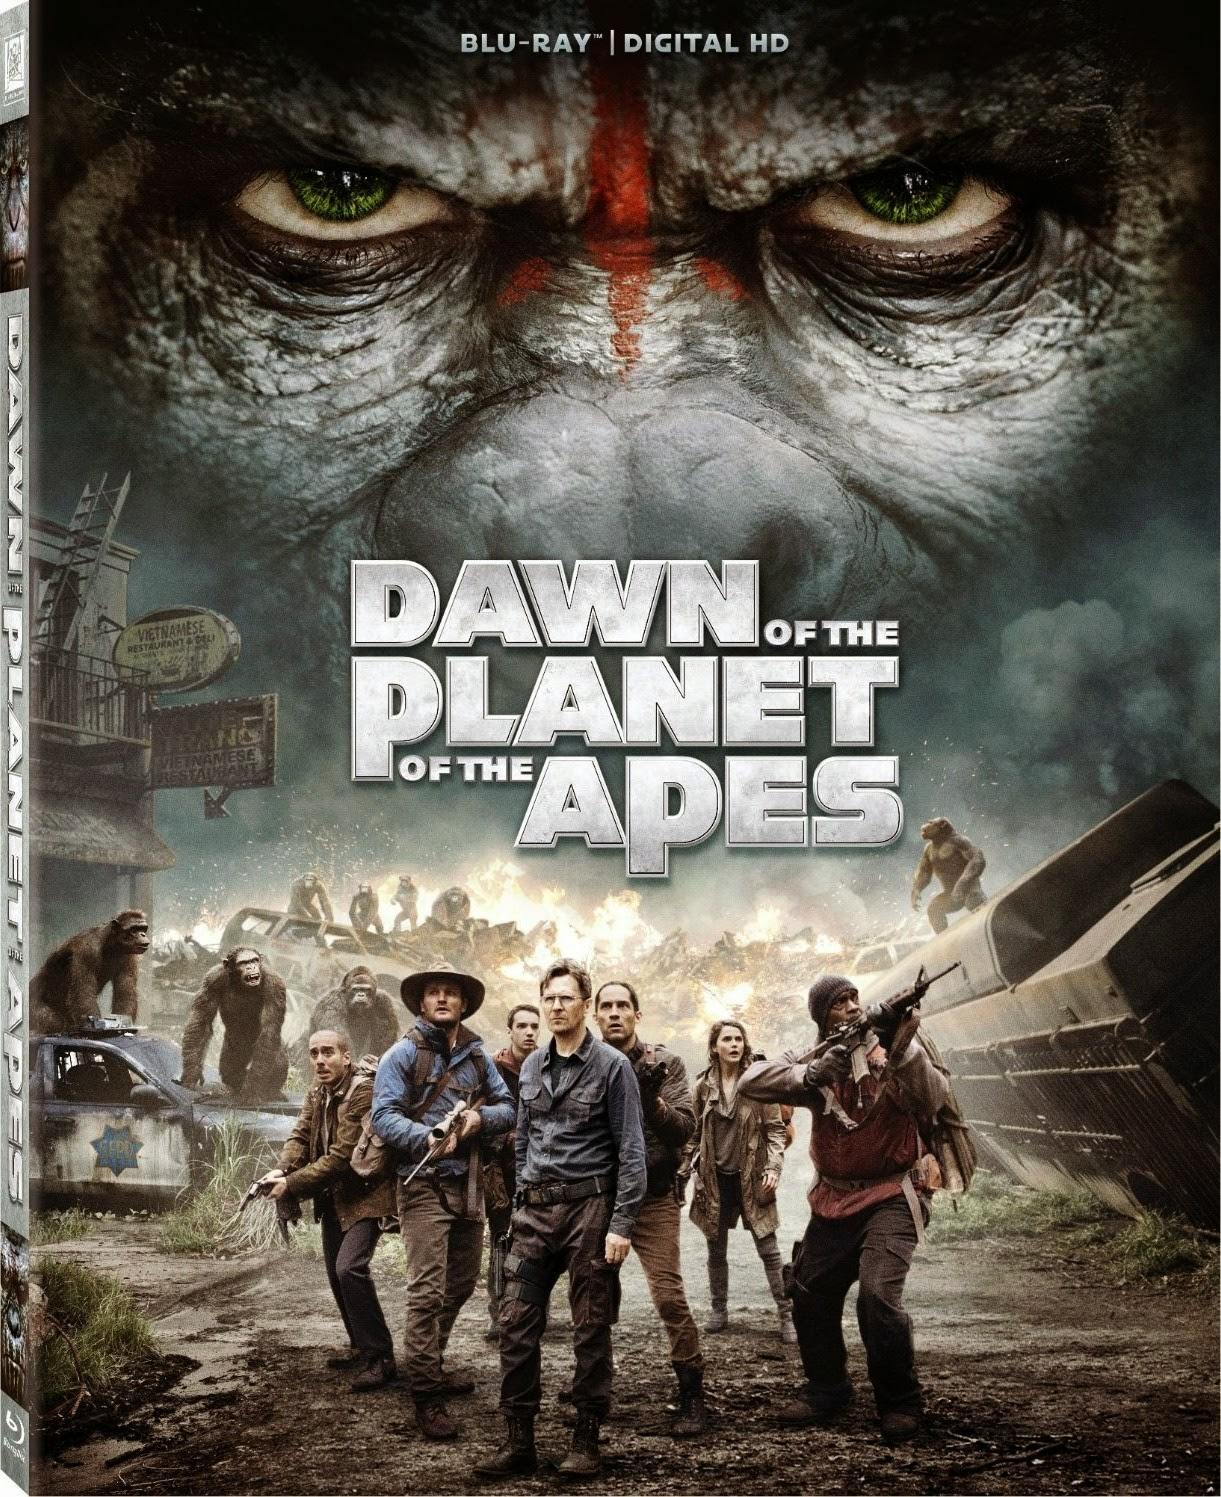 El Planeta De Los Simios Confrontación (2014) 1080p 2D y 3D BD25